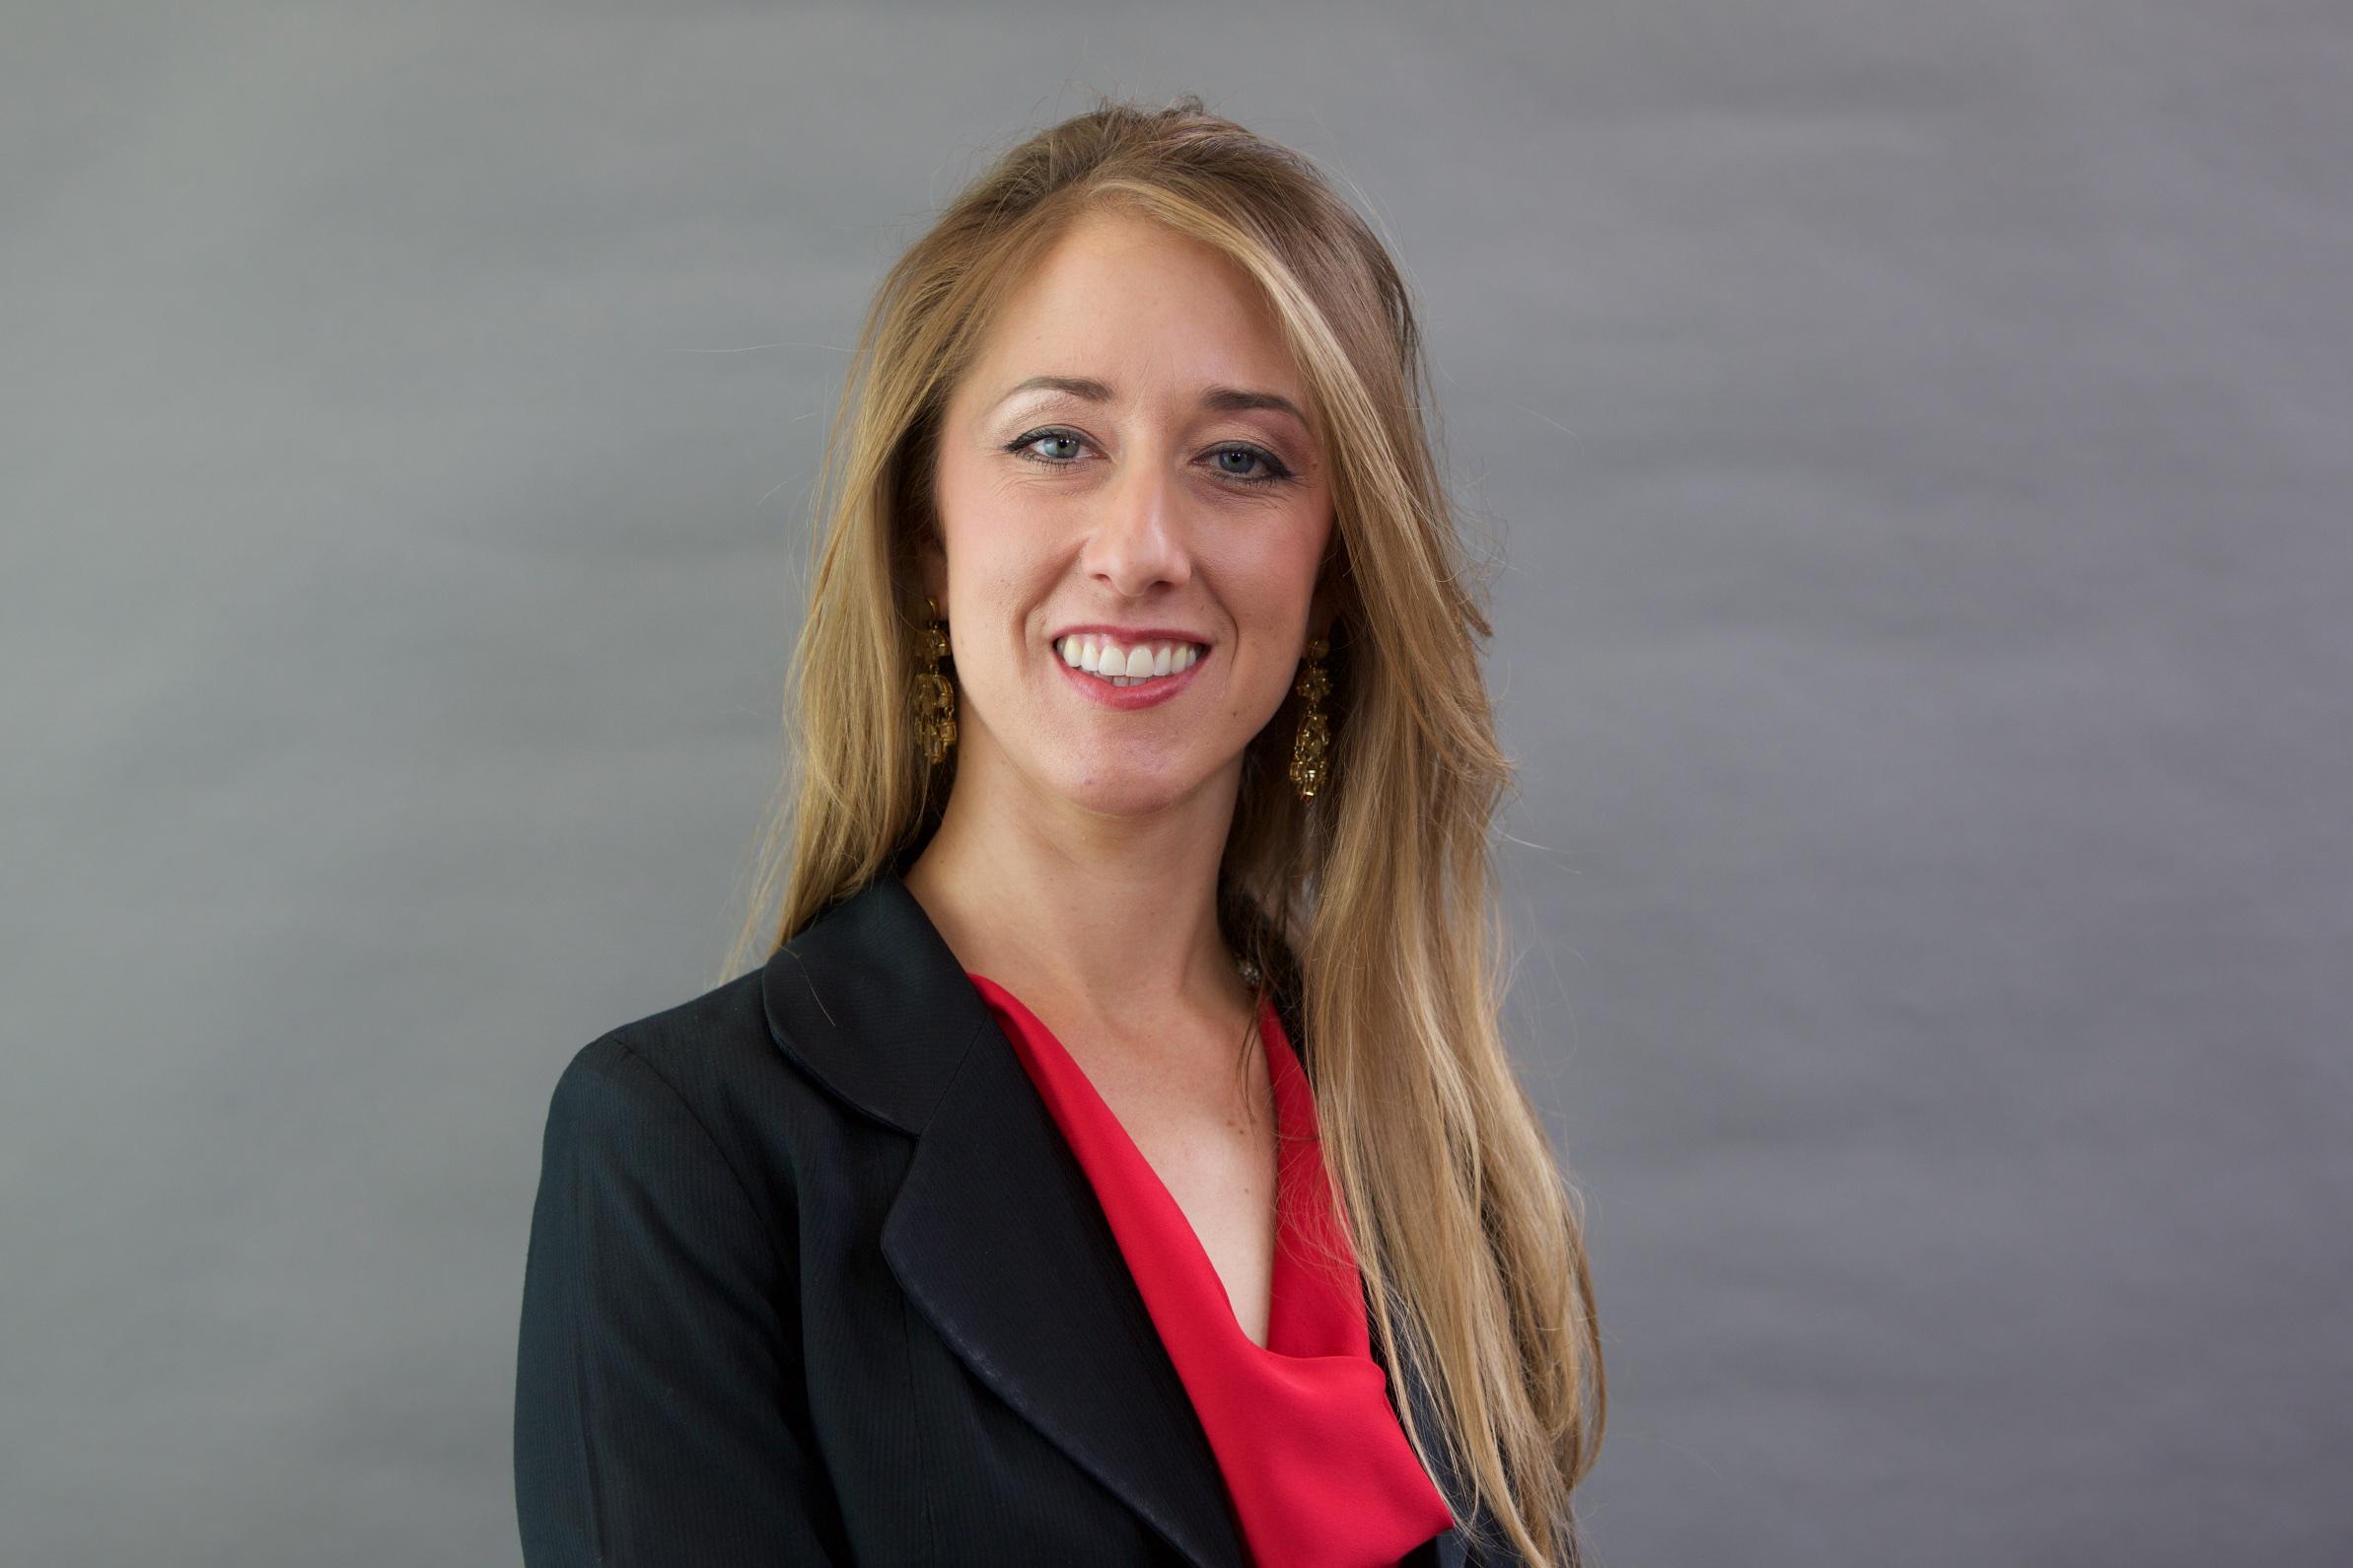 Sarah Asebedo